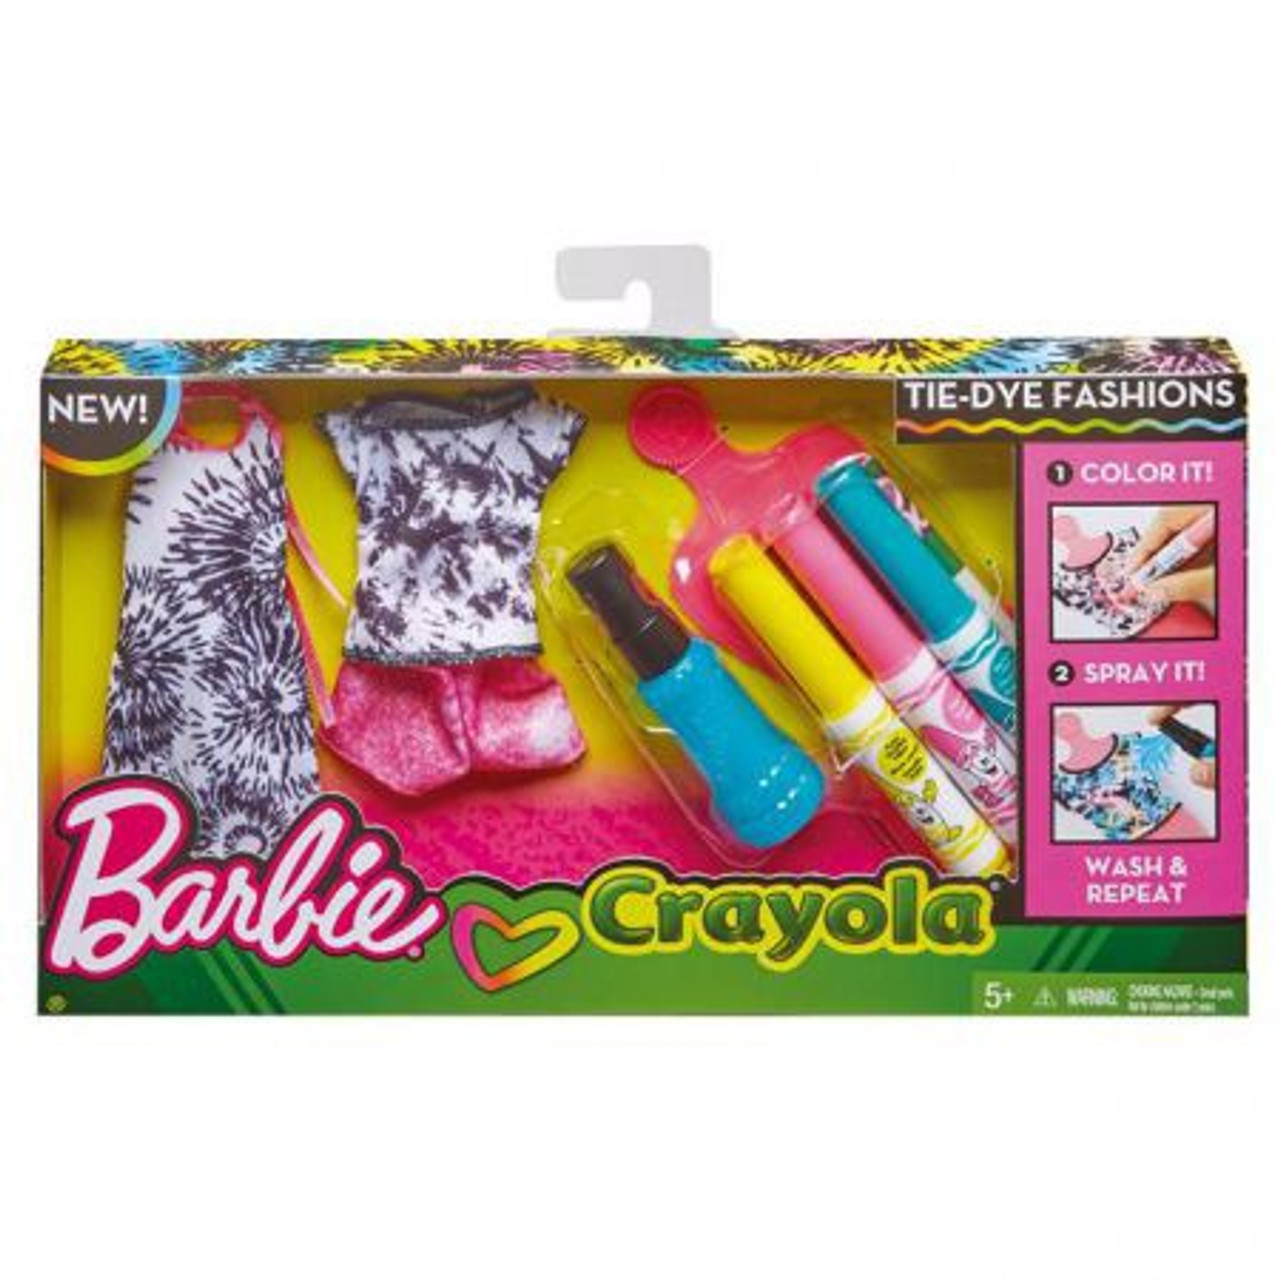 BARBIE CRAYOLA DIY TIE DYE FASHION